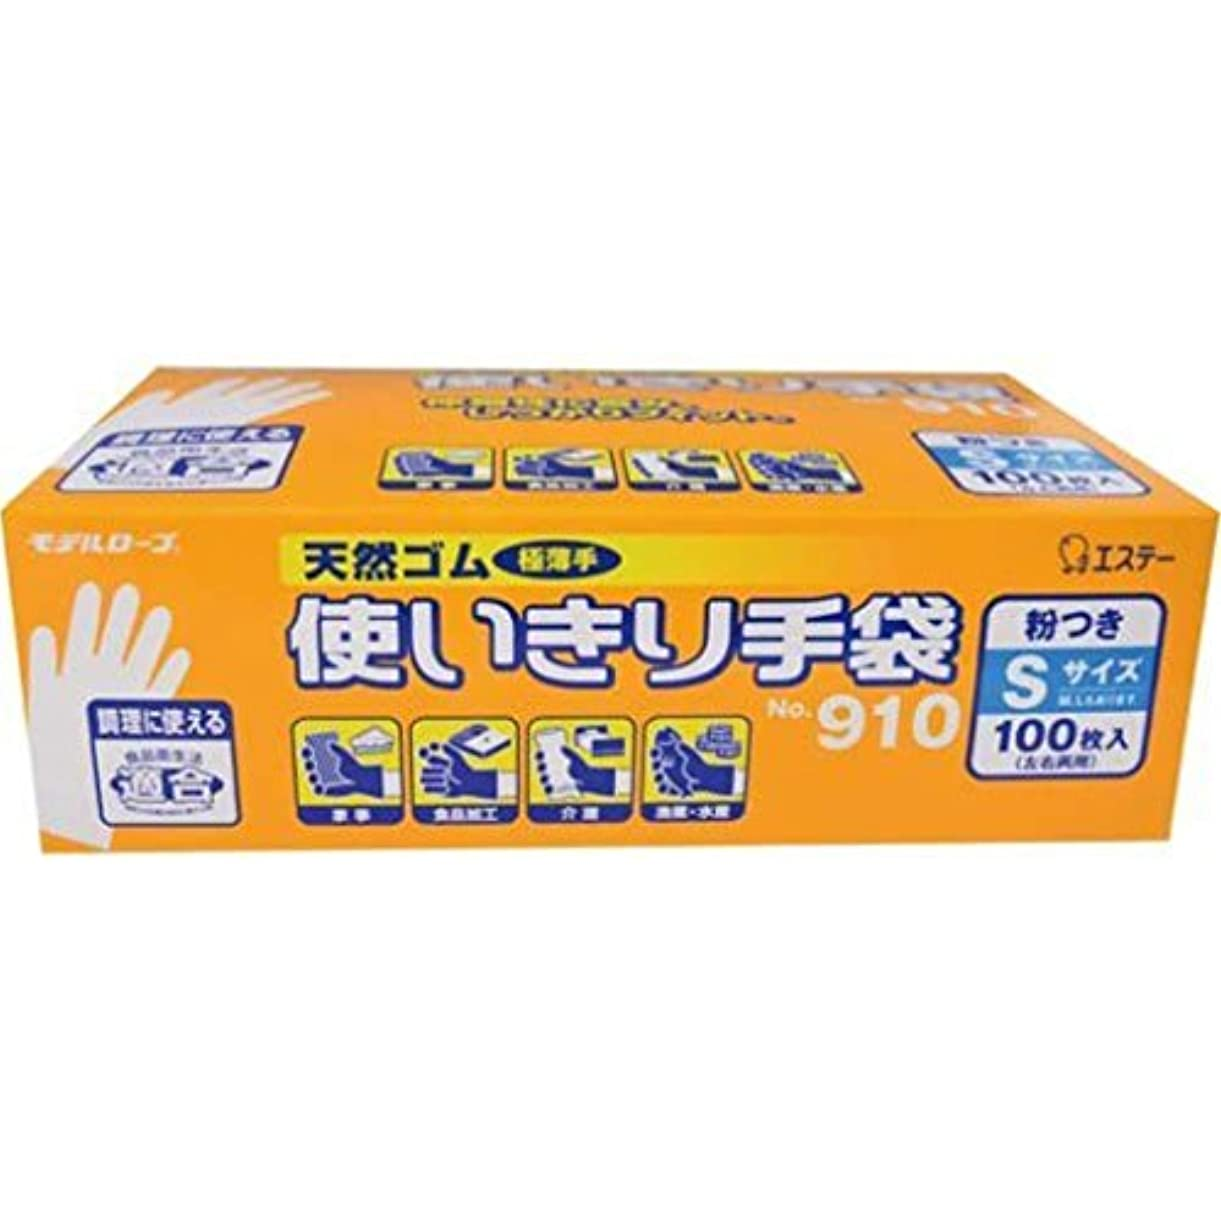 差運営麻痺(まとめ買い)エステー 天然ゴム使い切り手袋 No.910 S 【×3セット】